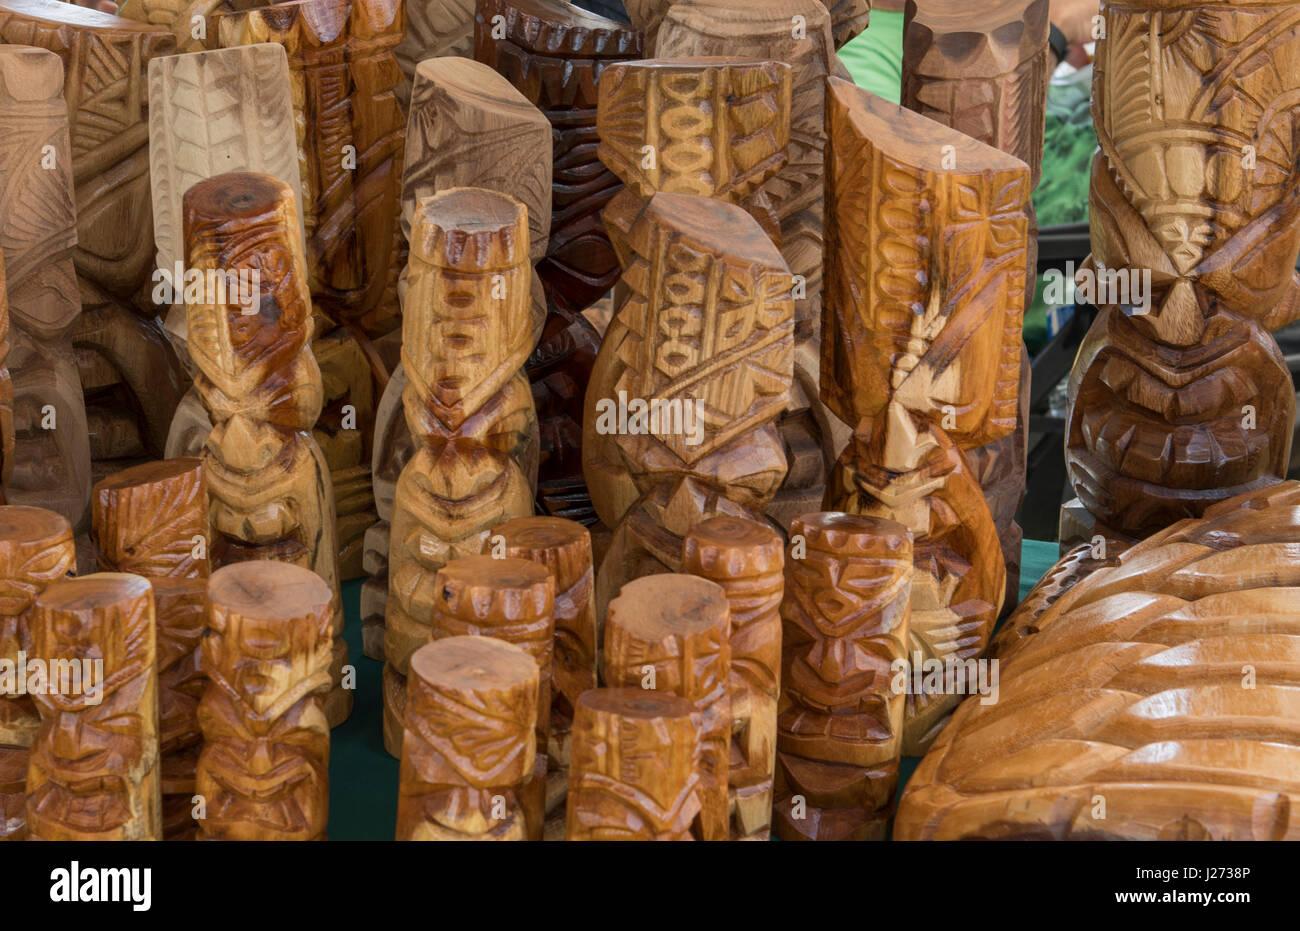 Kapaa Kauai Hawaii il mercato delle pulci con Hawaiian sculture in legno per la vendita Foto Stock